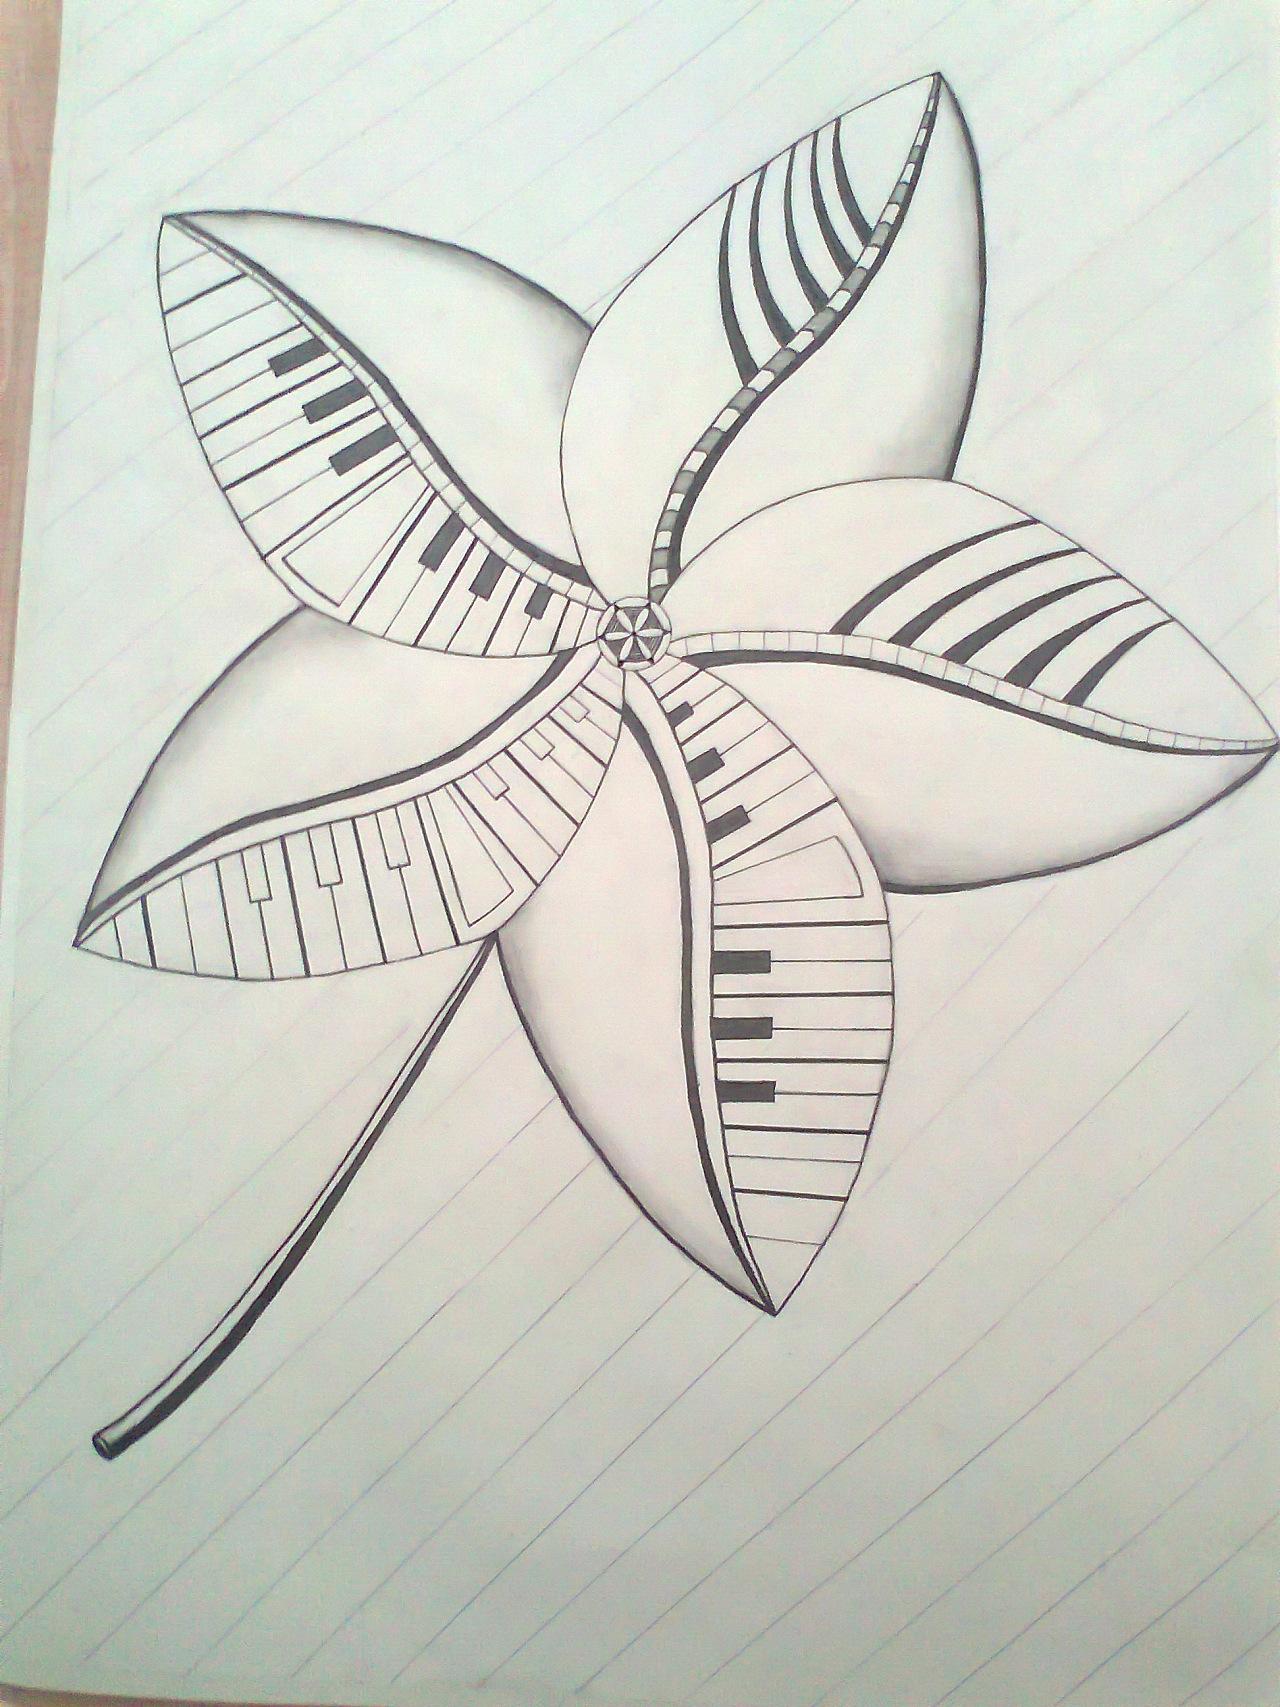 枫叶图片简笔画手绘